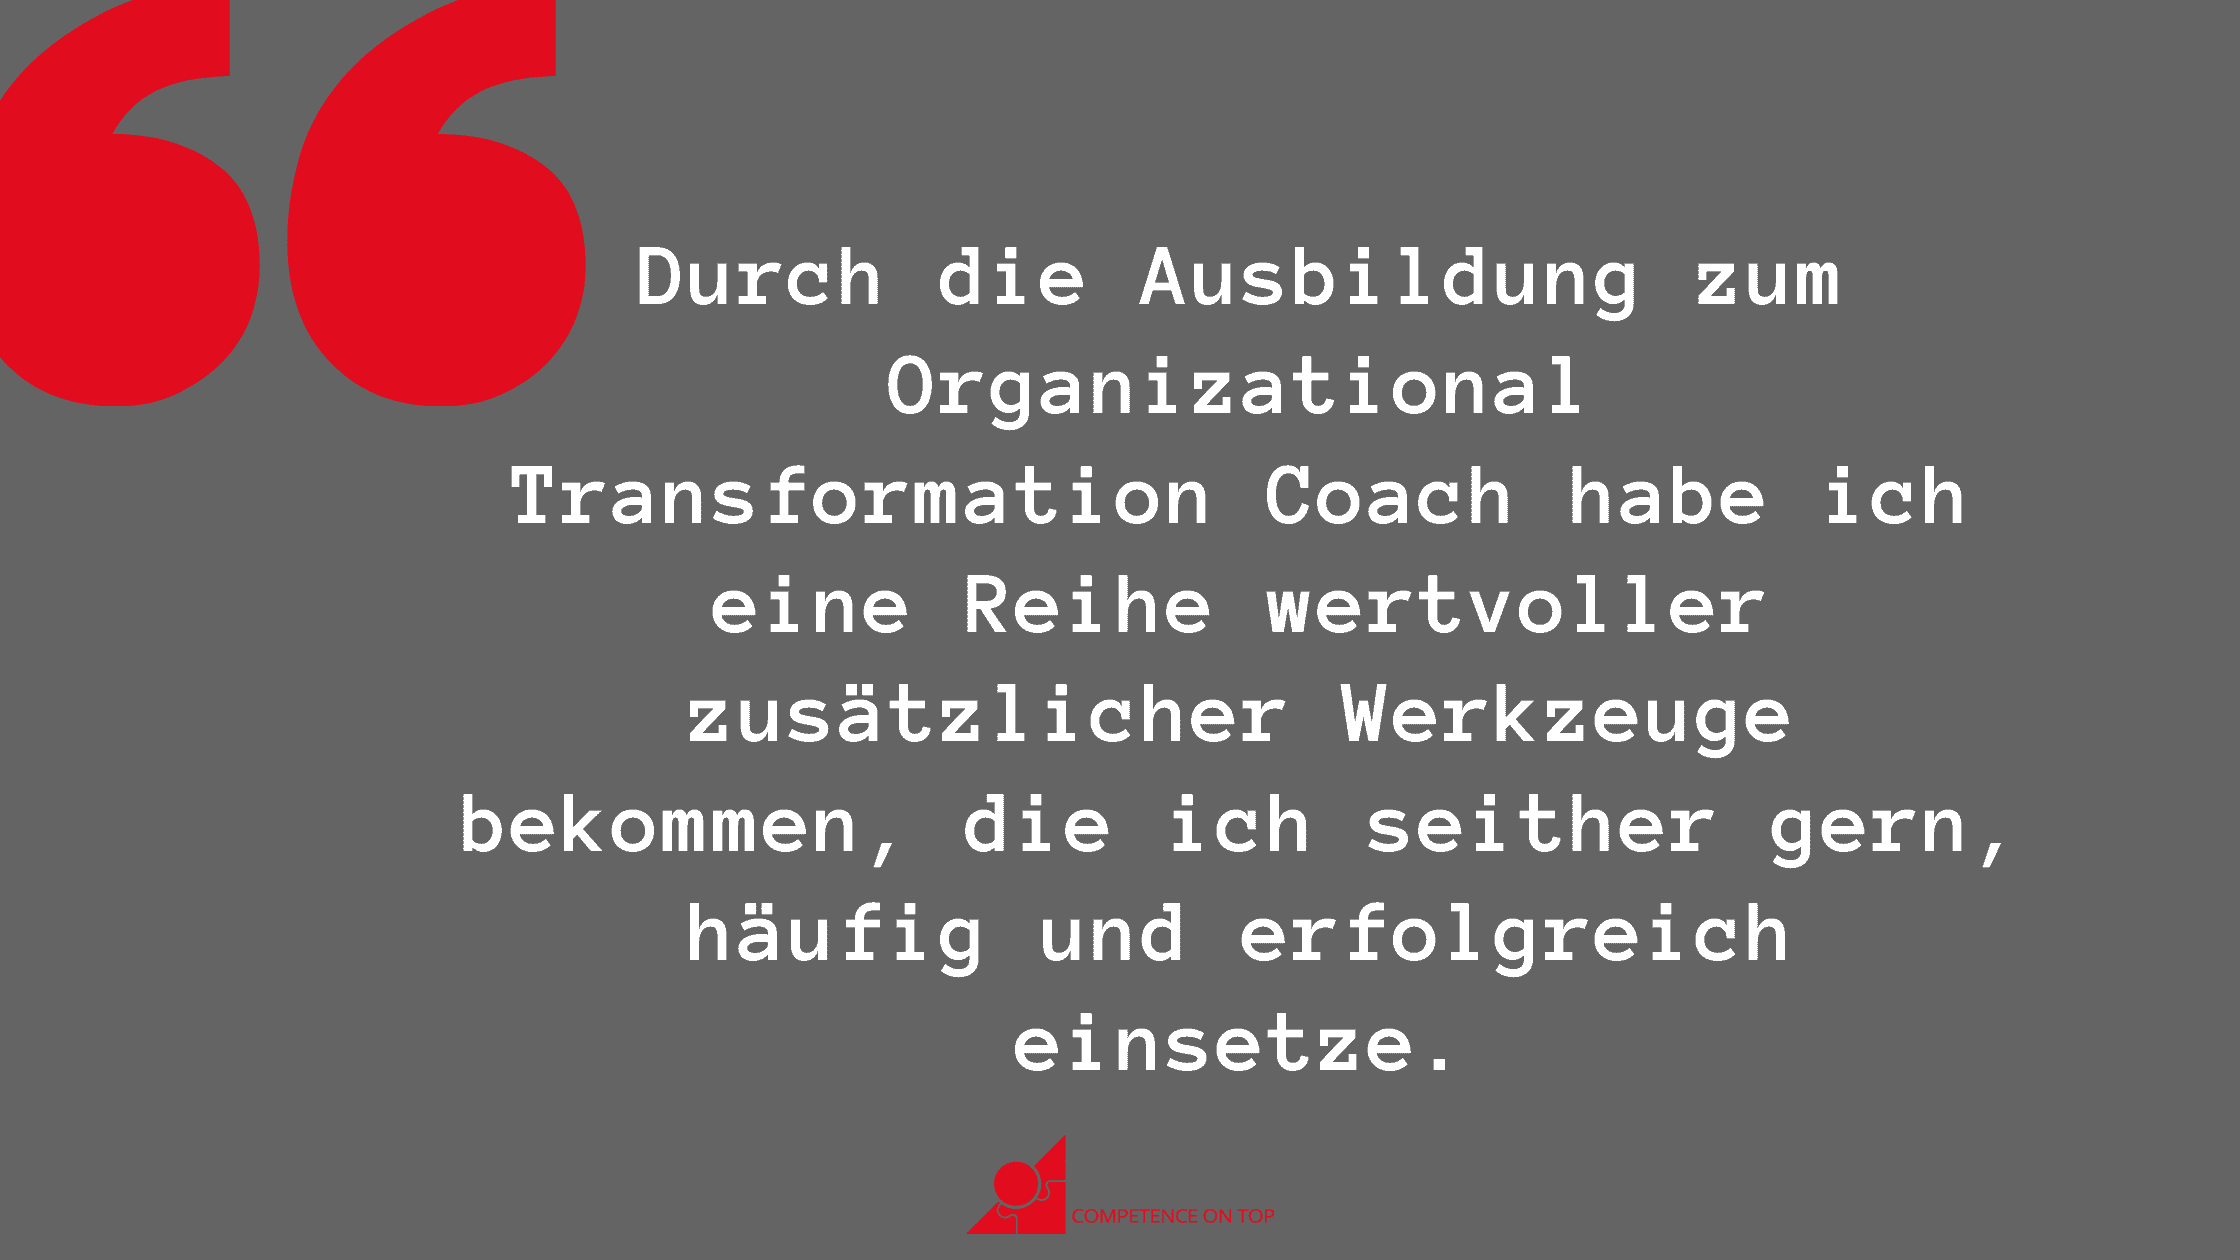 Ausbildung in der Organisationsentwicklung - Zitat von Justine Walter